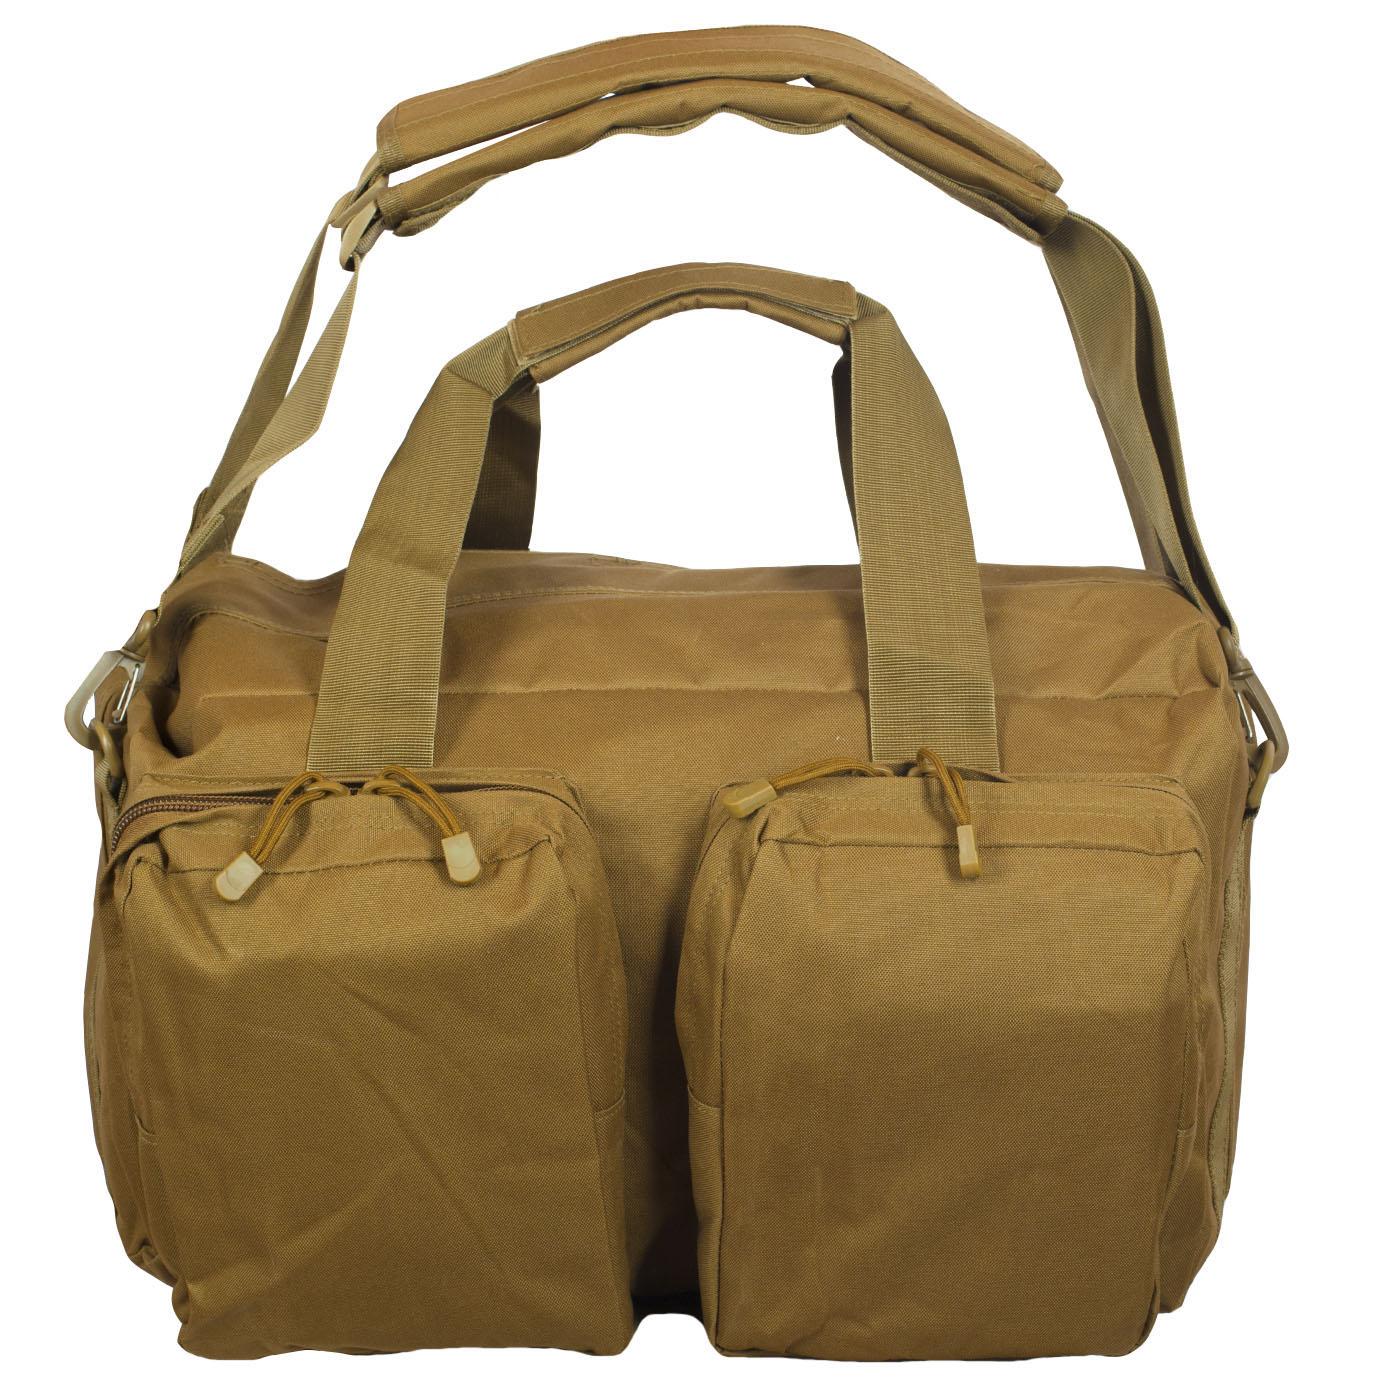 Заплечная сумка-рюкзак с нашивкой Эх, хвост, чешуя - купить с доставкой